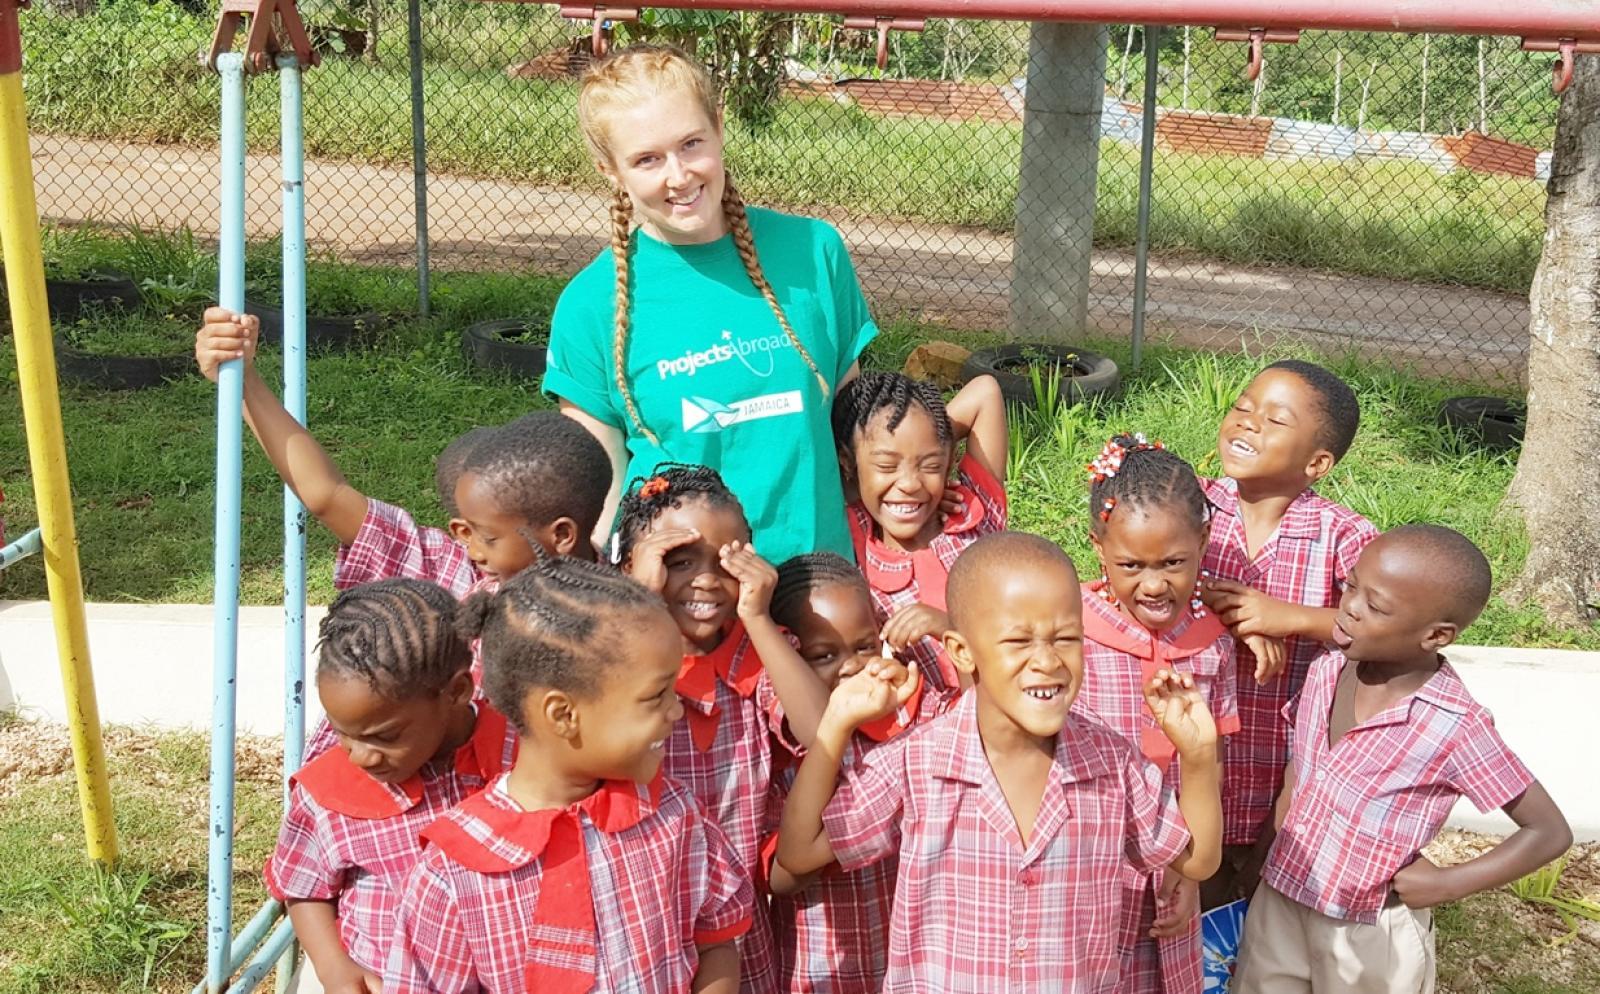 ジャマイカでチャイルドケア活動にあたる高校生ボランティア